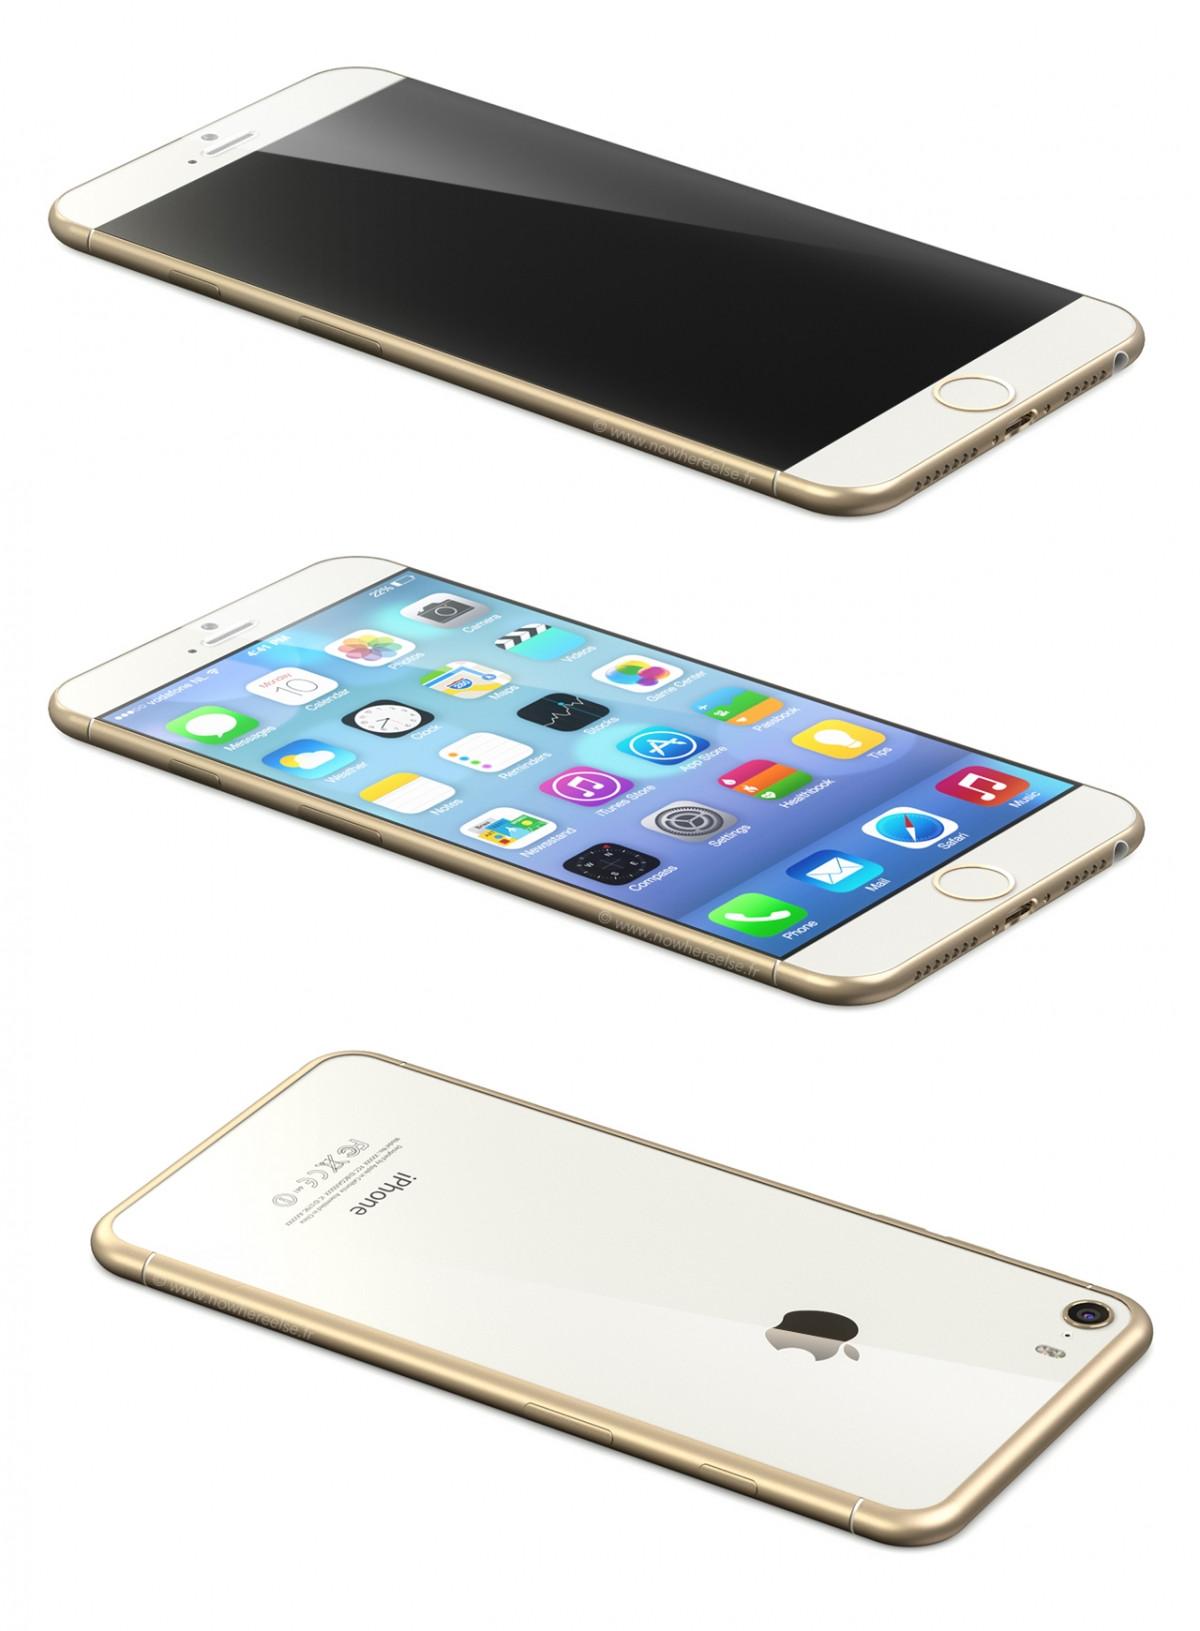 1405501006_iphone-air.jpg